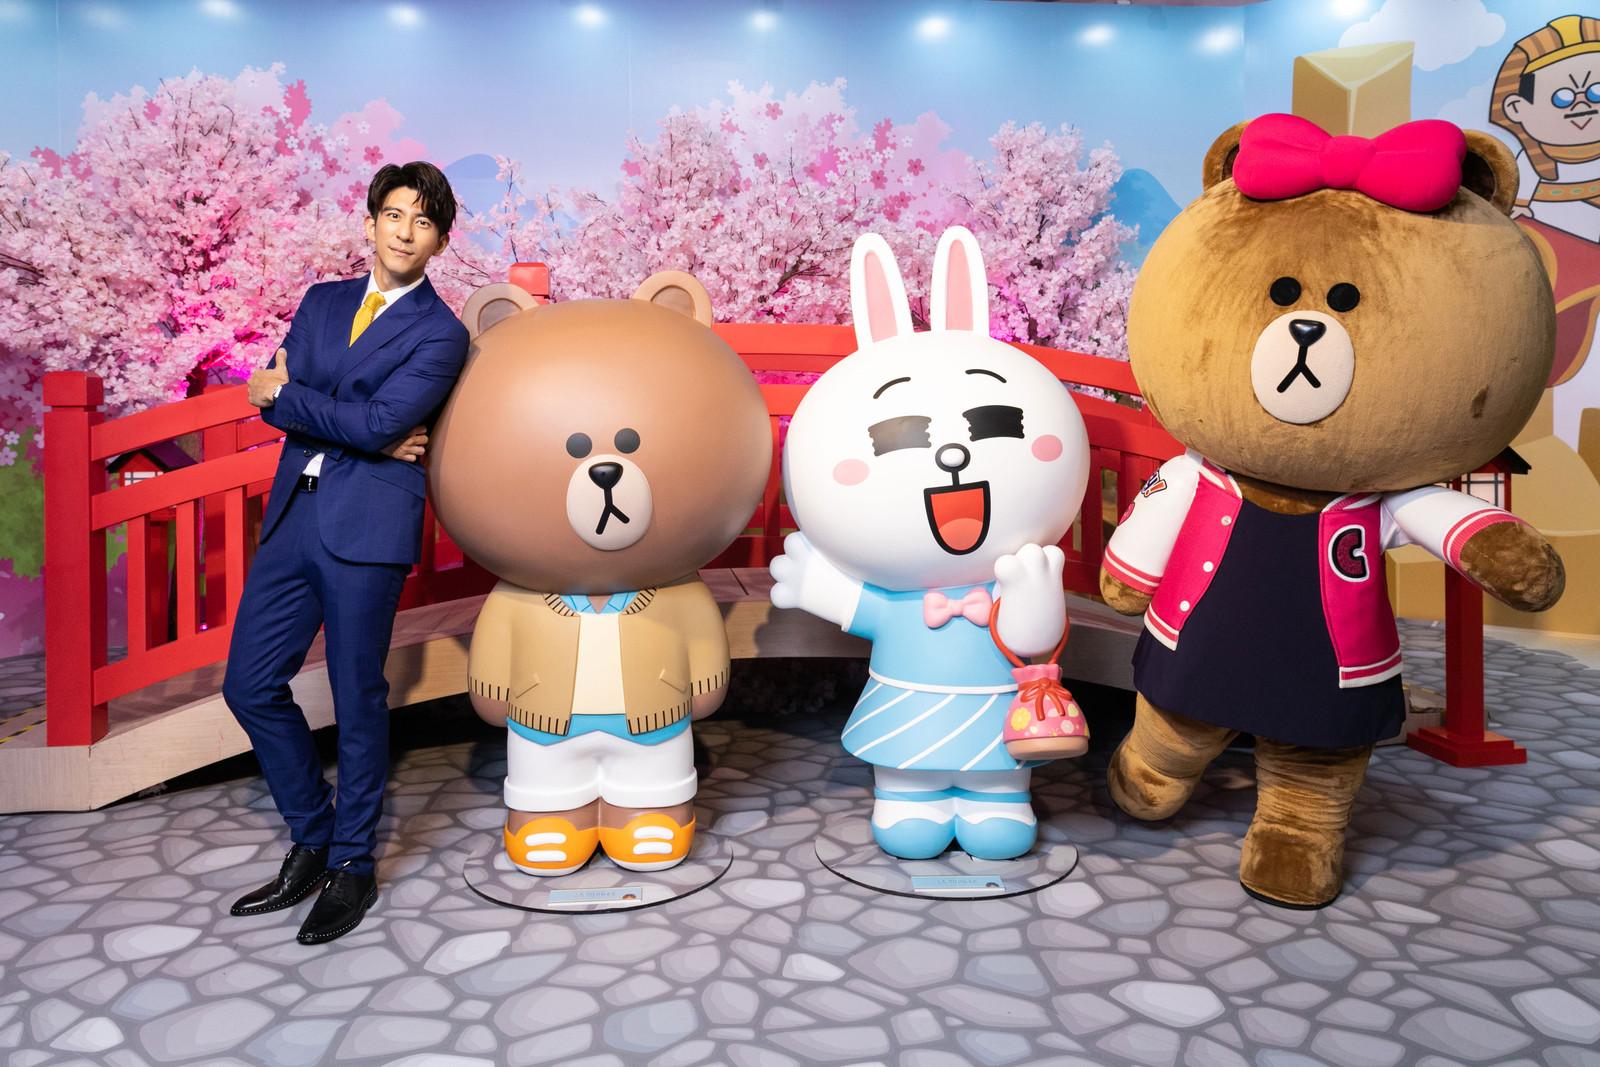 圖4-帥氣機長修杰楷環遊世界帥照大公開,與熊大、兔兔甜蜜遊日本